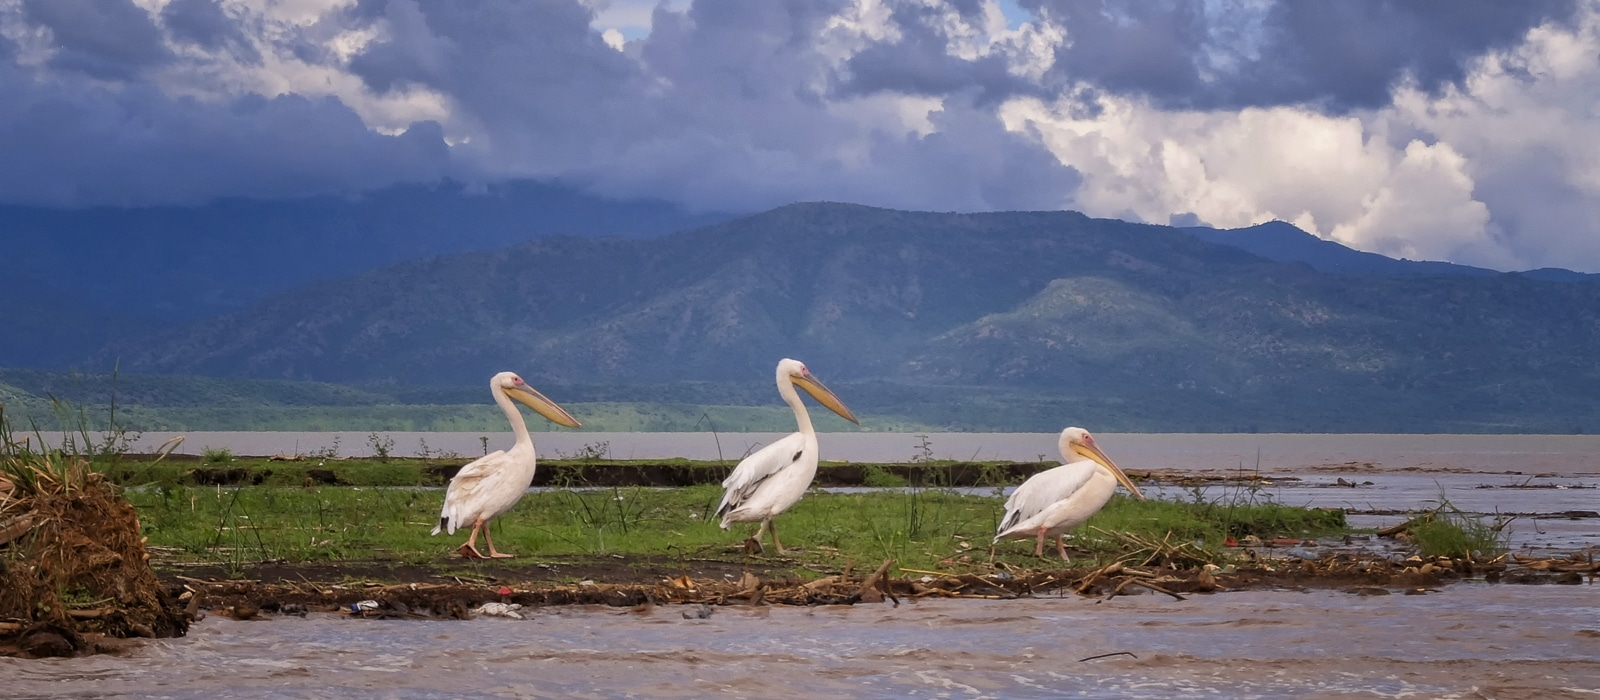 Voyage organisé en petit groupe - parc faunique Nesh Sar - Éthiopie - Agence de voyage Les Routes du Monde